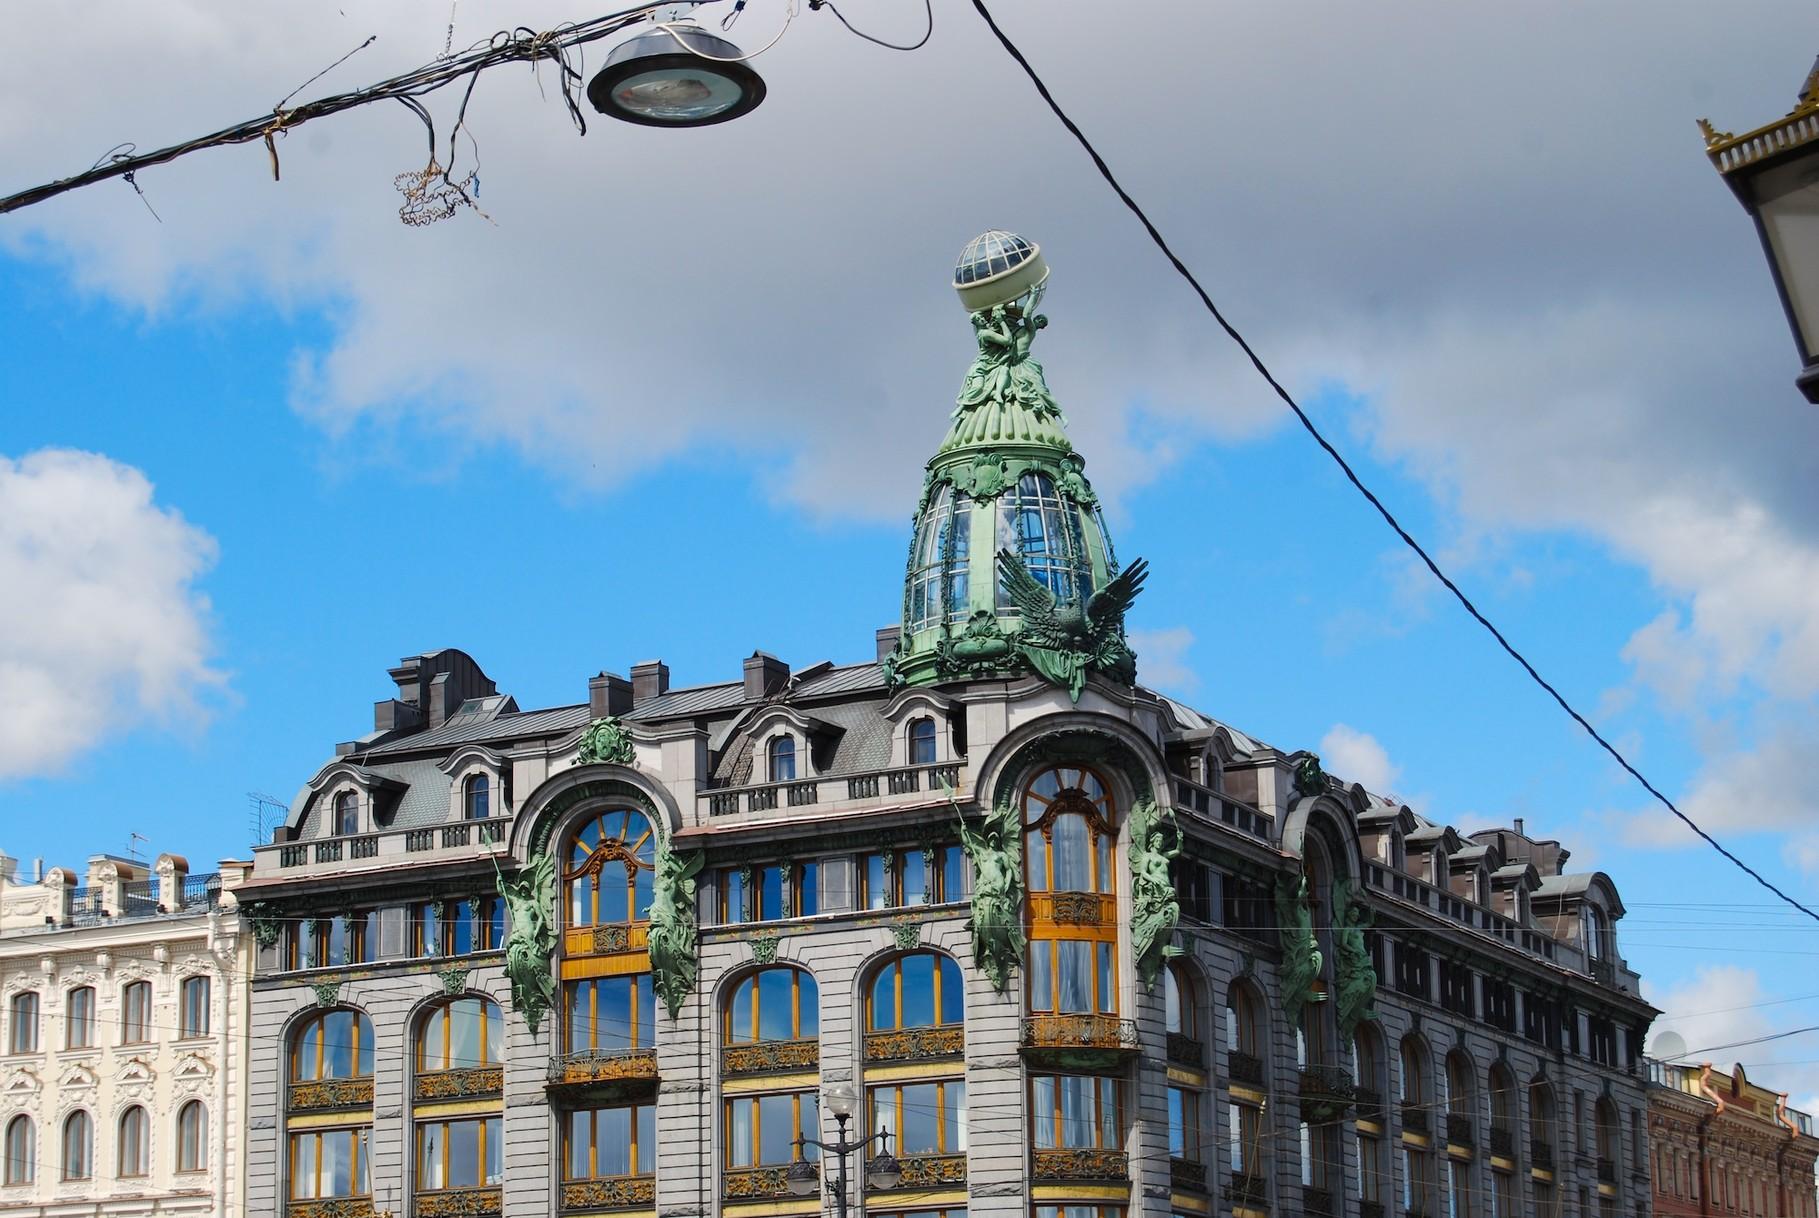 Architektur in St. Petersburg